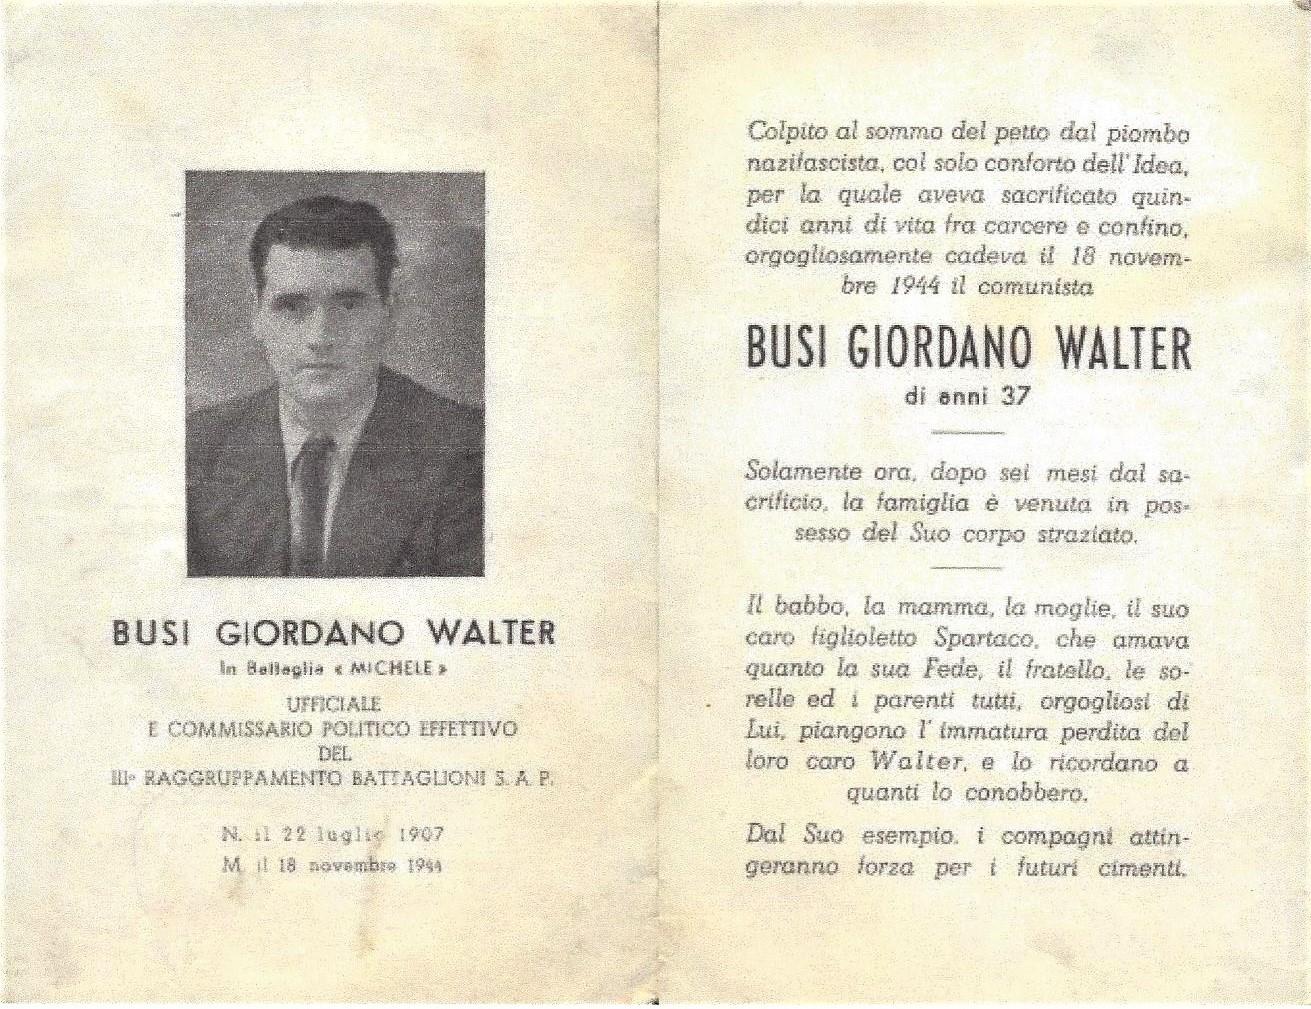 Il santino del funerale di Giordano Walter Busi, in originale un fronte retro, squadernato. Fondo Fotografico ANPI, Istituto Parri, Bologna.